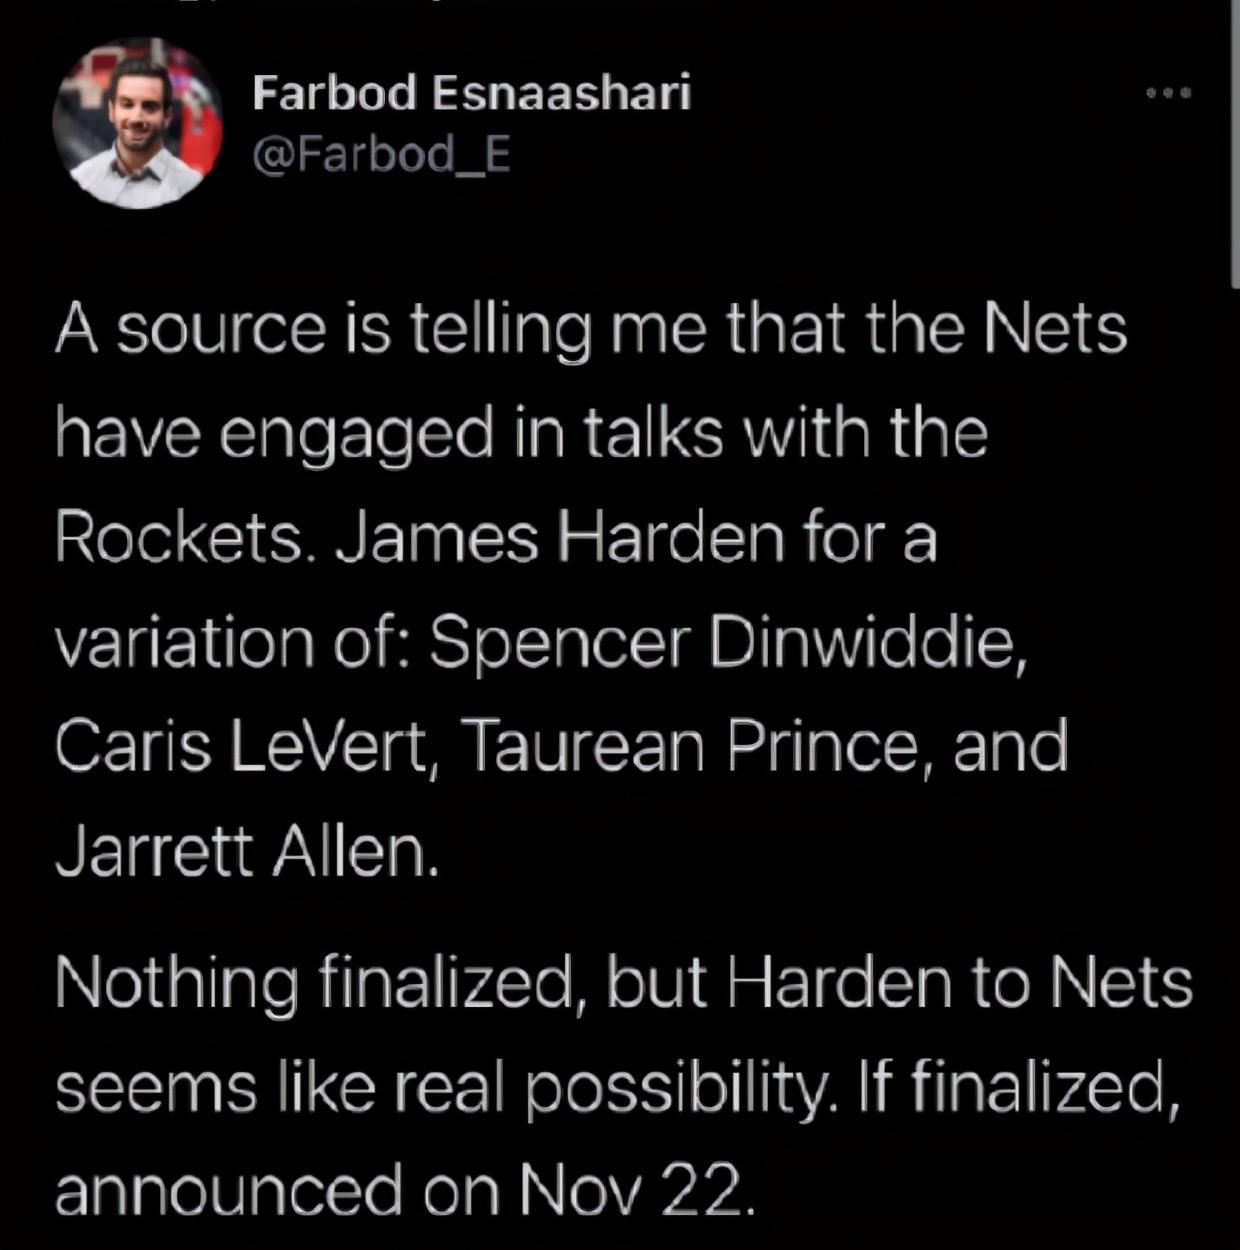 NBA早报,杜兰特欧文哈登联手?湖人品评辩说生意格林或者组3巨头